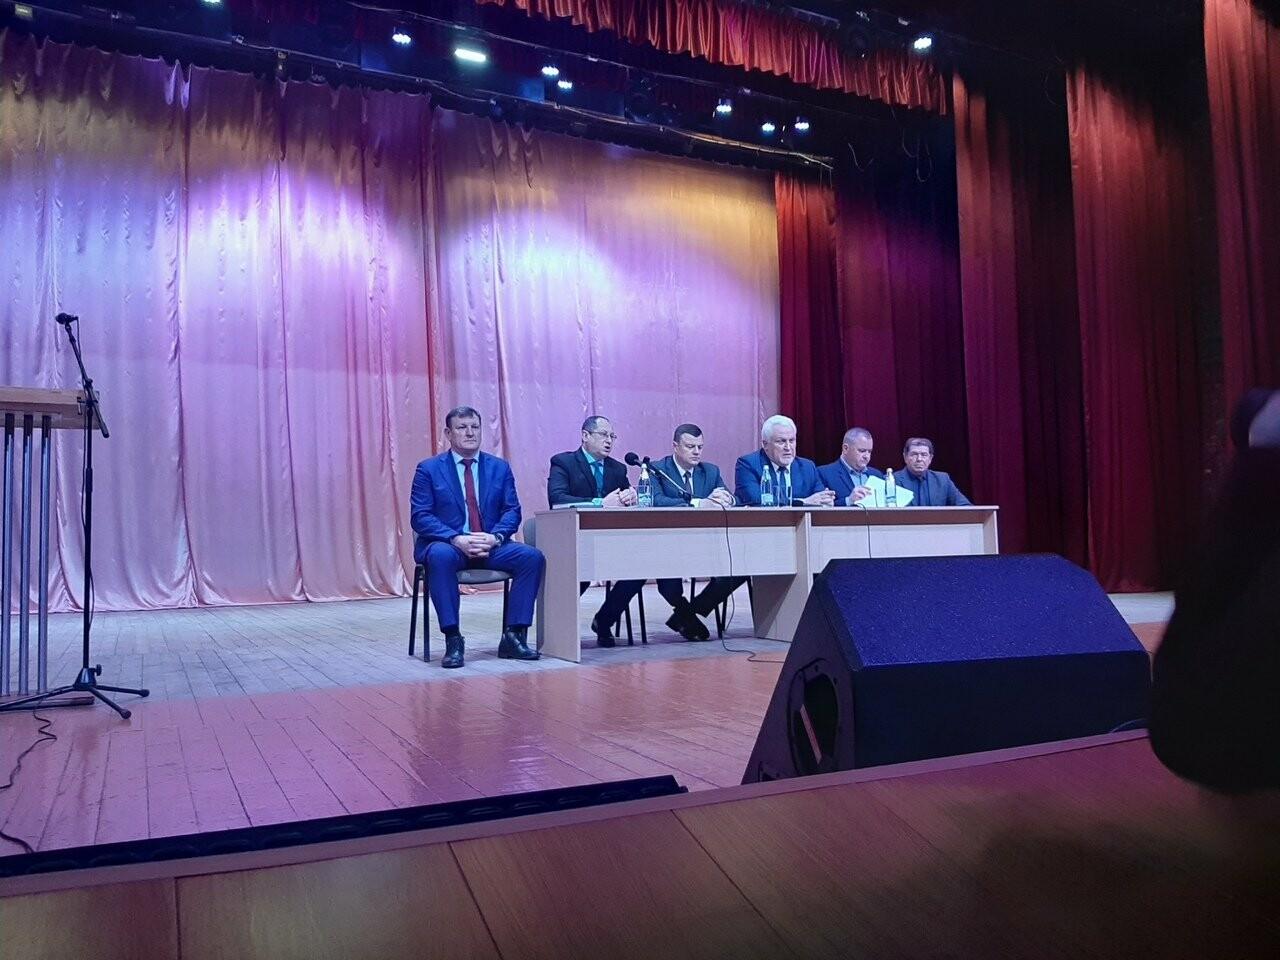 В Дмитриевке обсудили дальнейшую судьбу мусорного полигона, фото-6